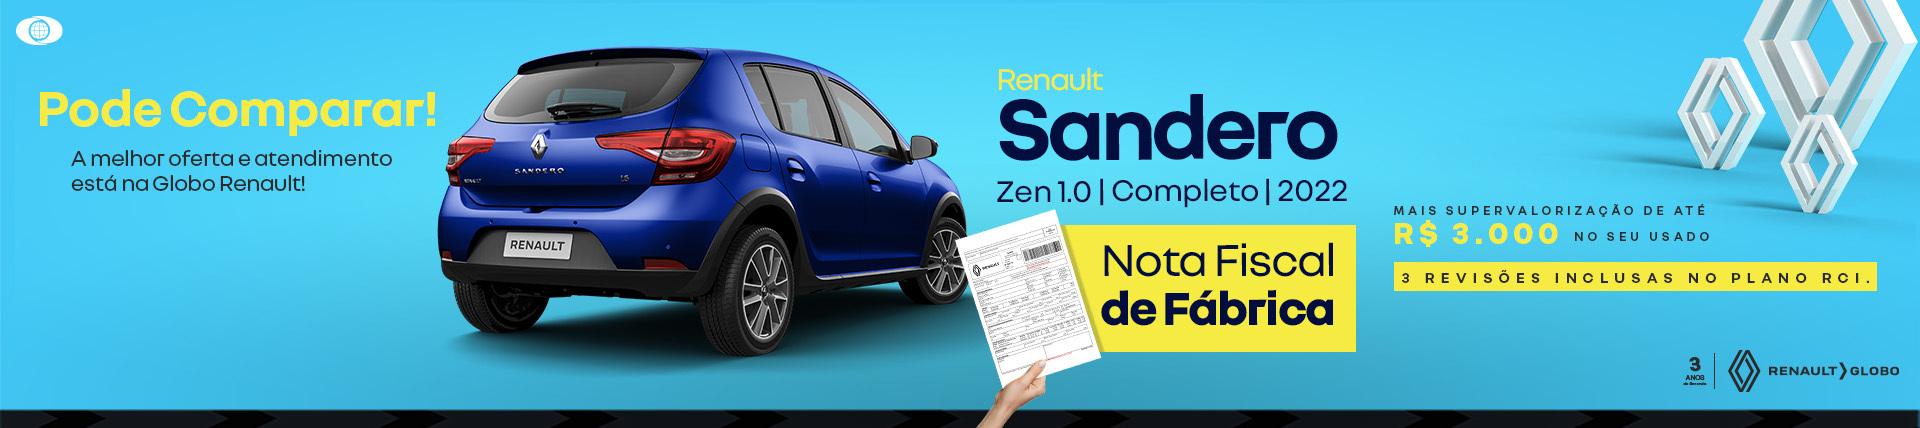 sandero 0721